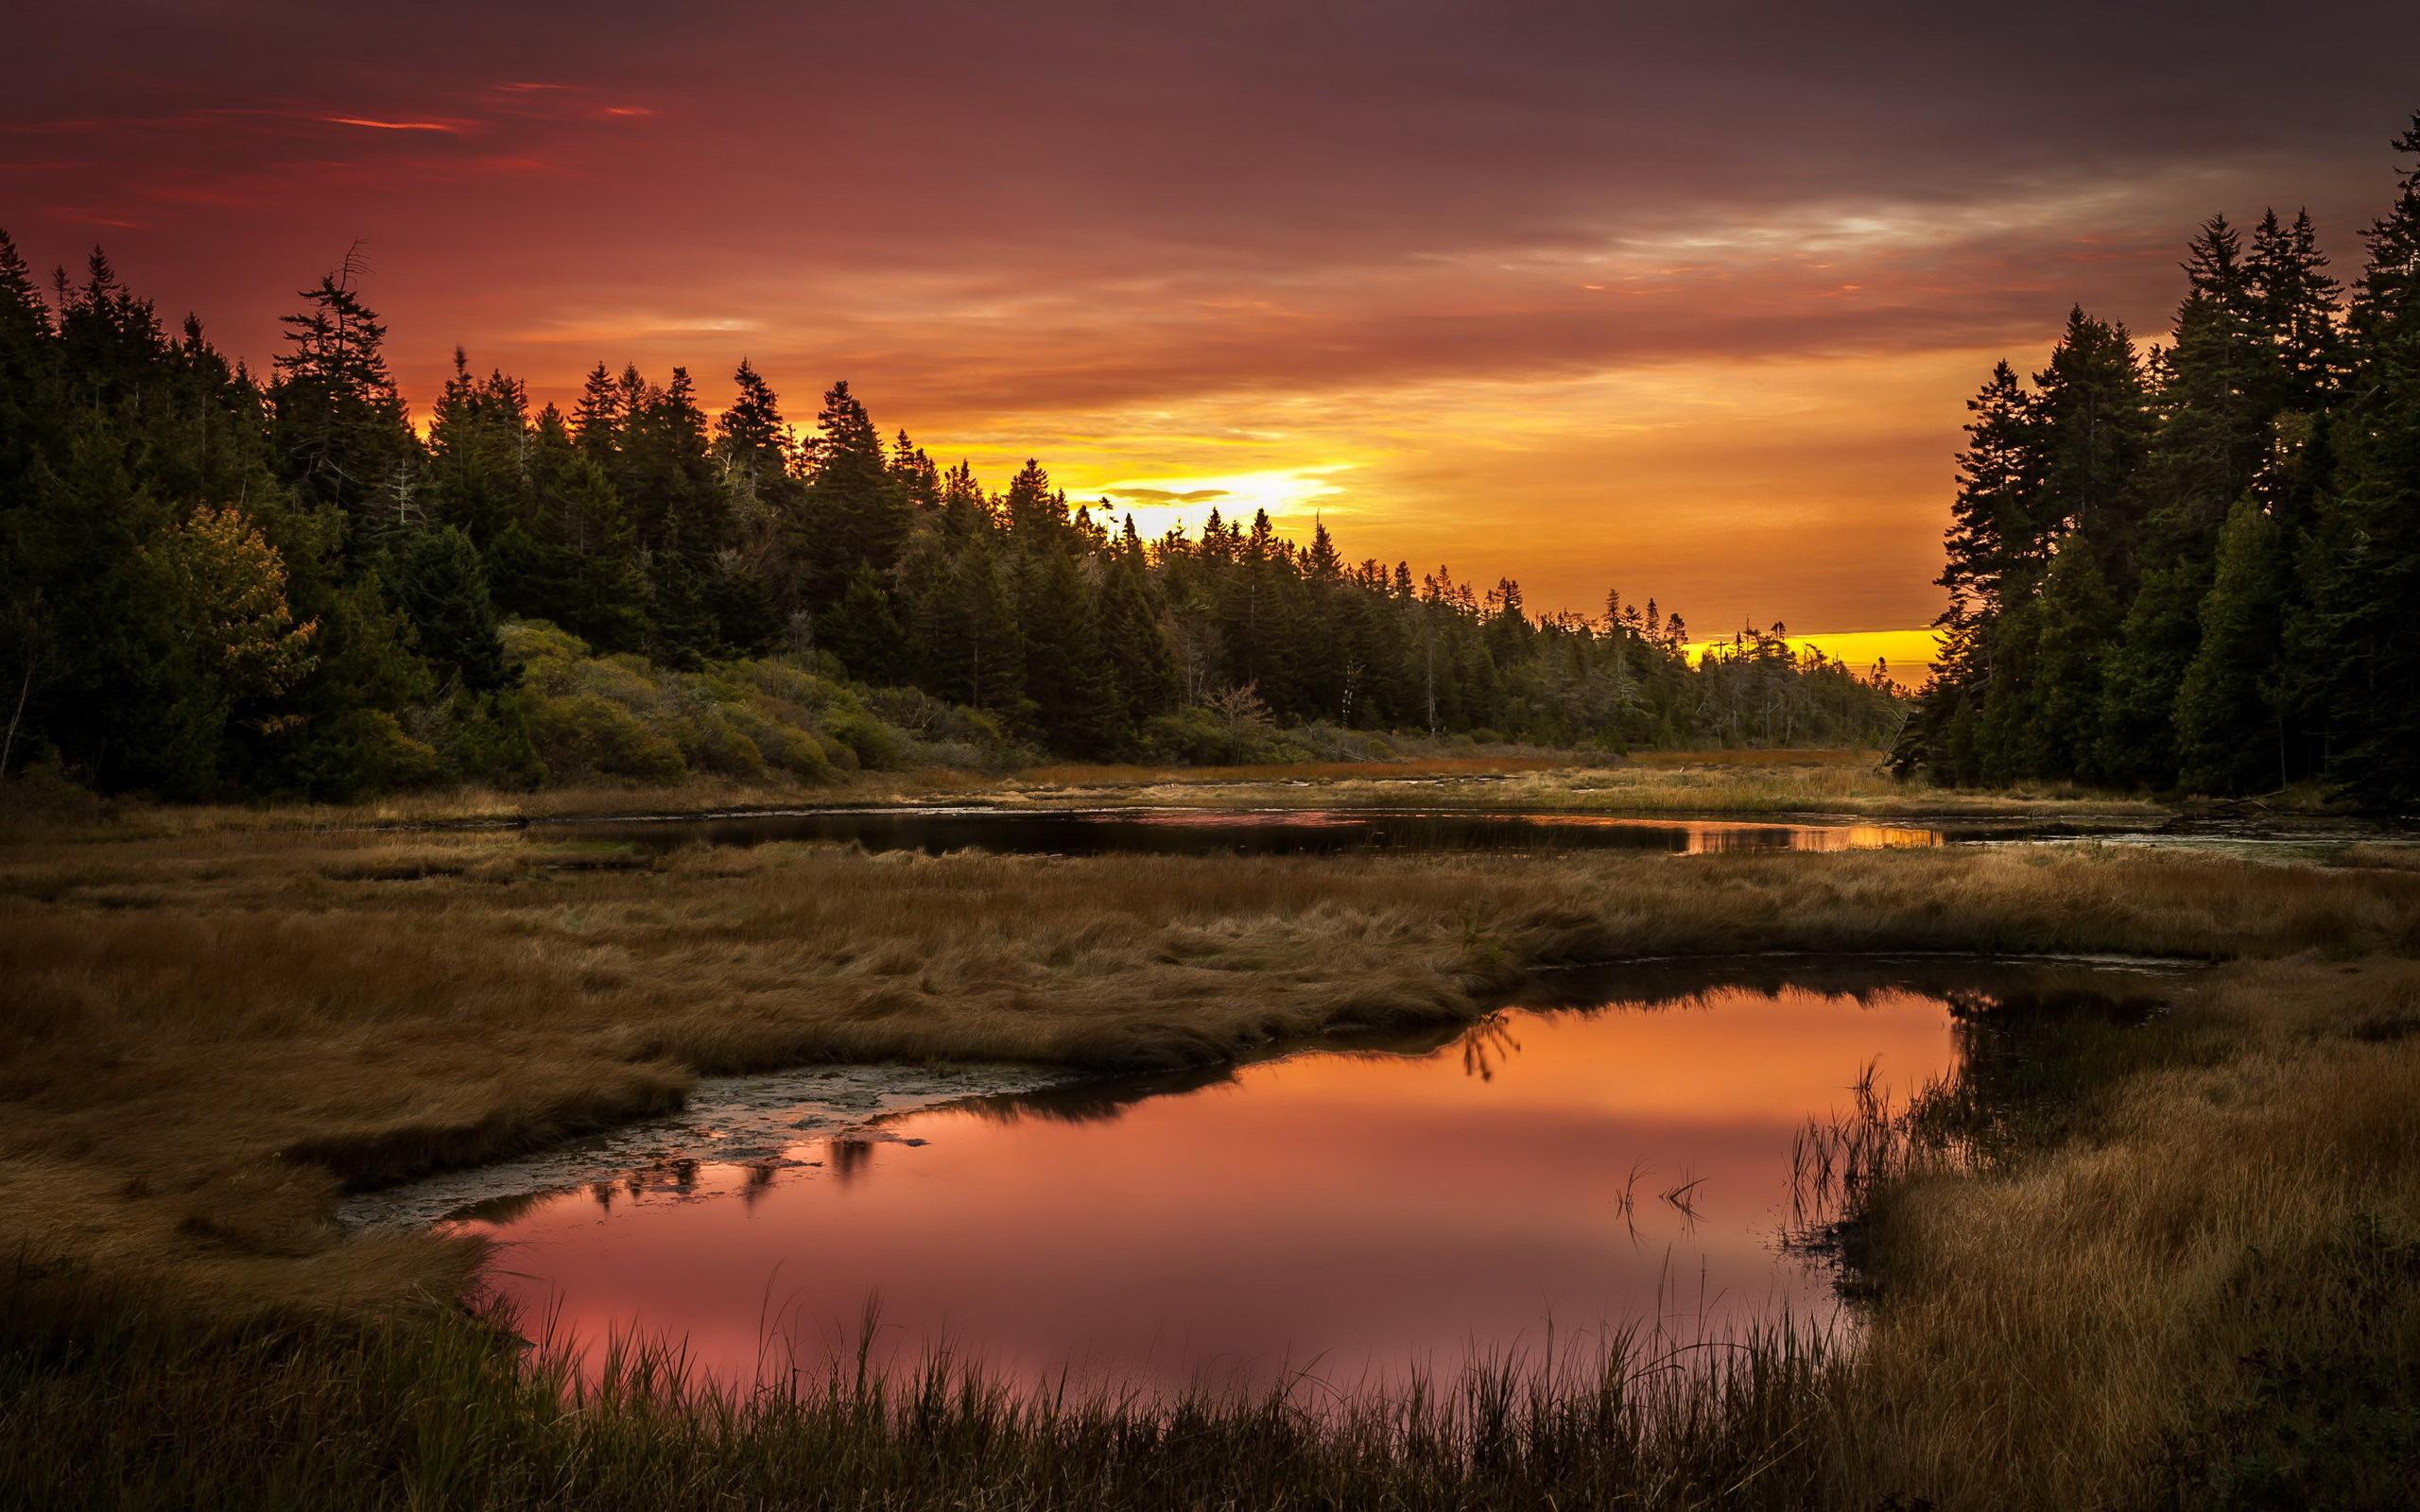 болото, лес, трава